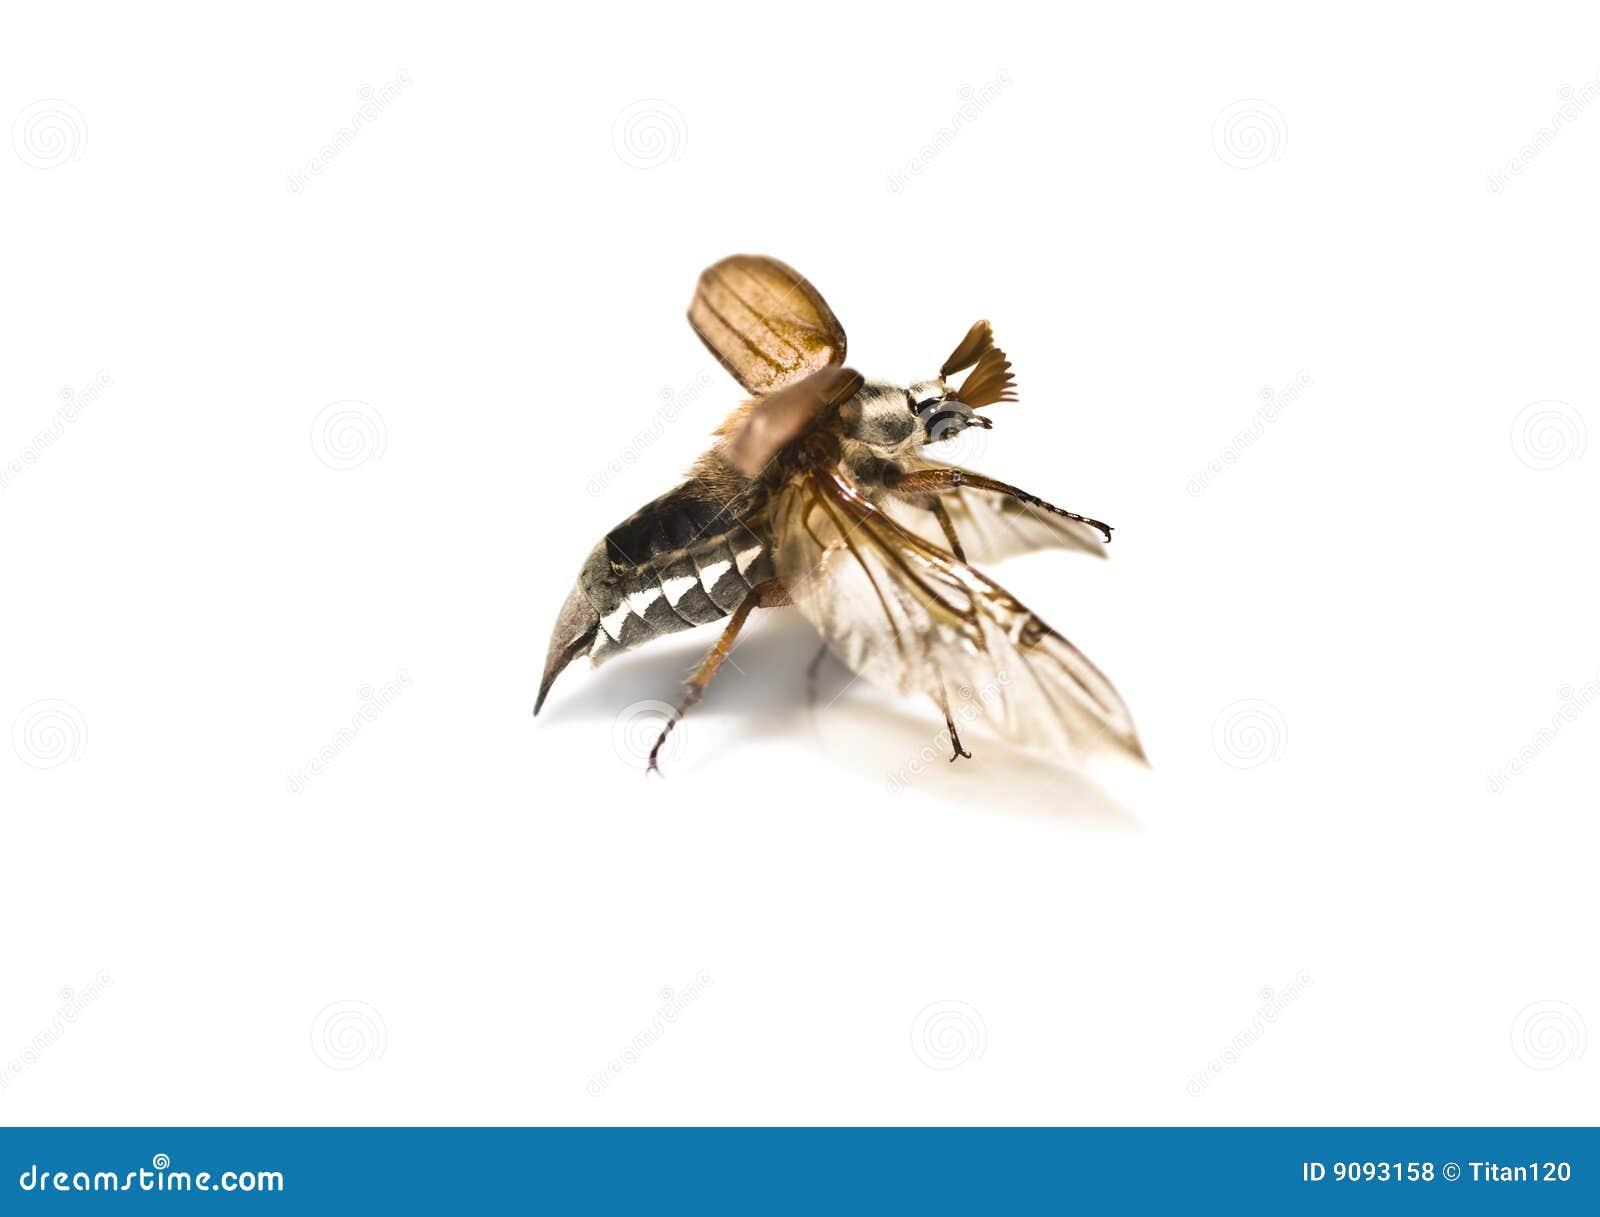 May-bug auf einem weißen Hintergrund.